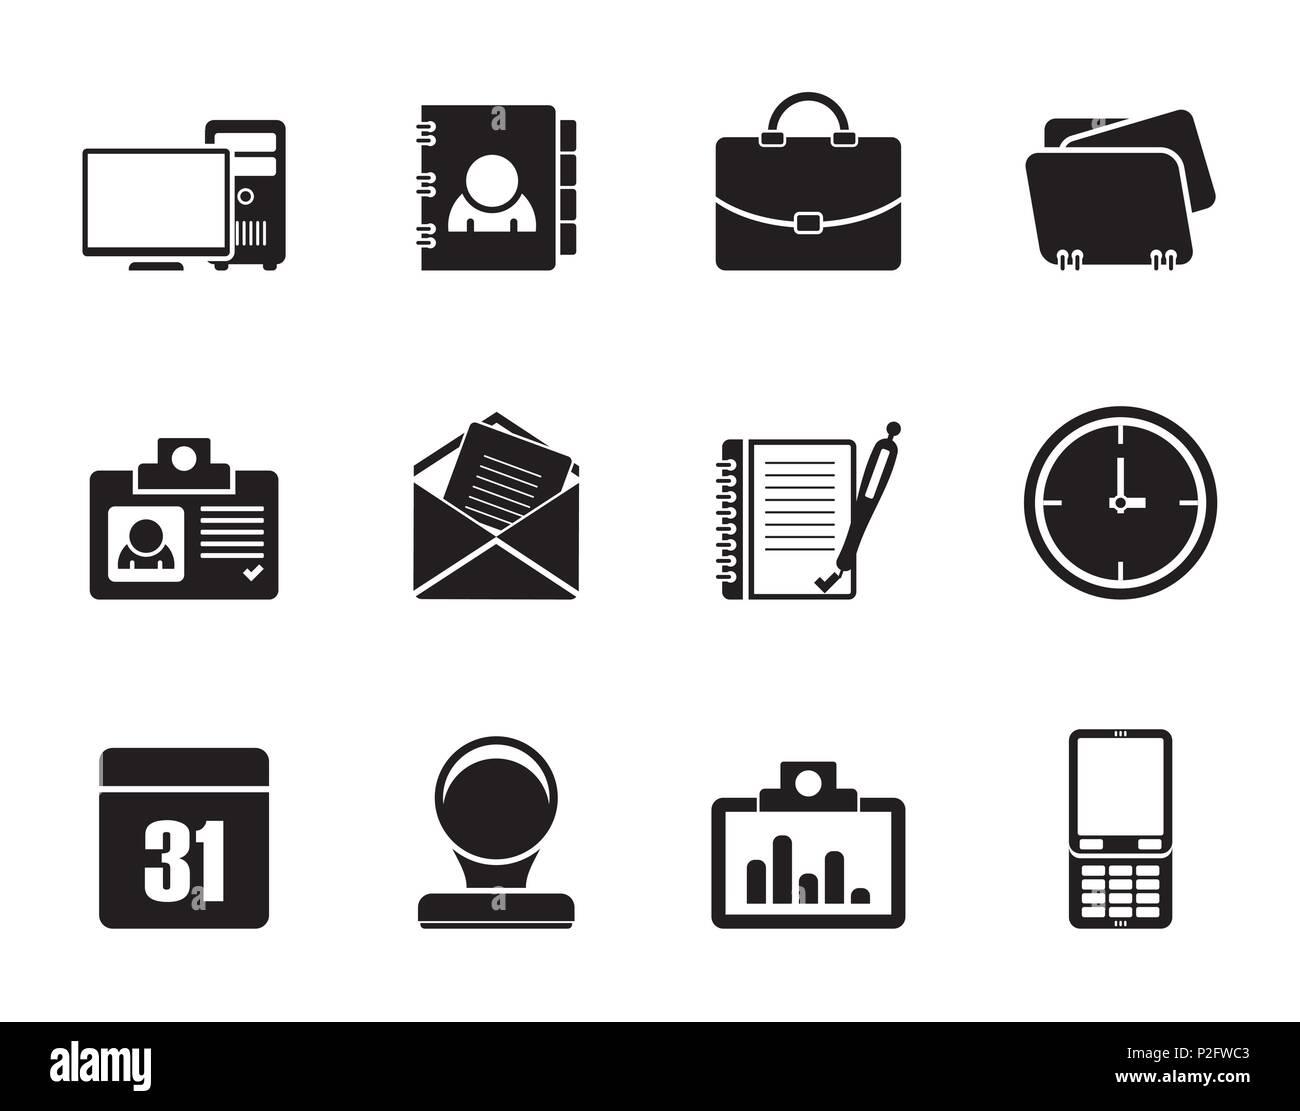 Silueta de aplicaciones Web, Empresa y Oficina iconos, iconos universales - conjunto de iconos vectoriales Imagen De Stock